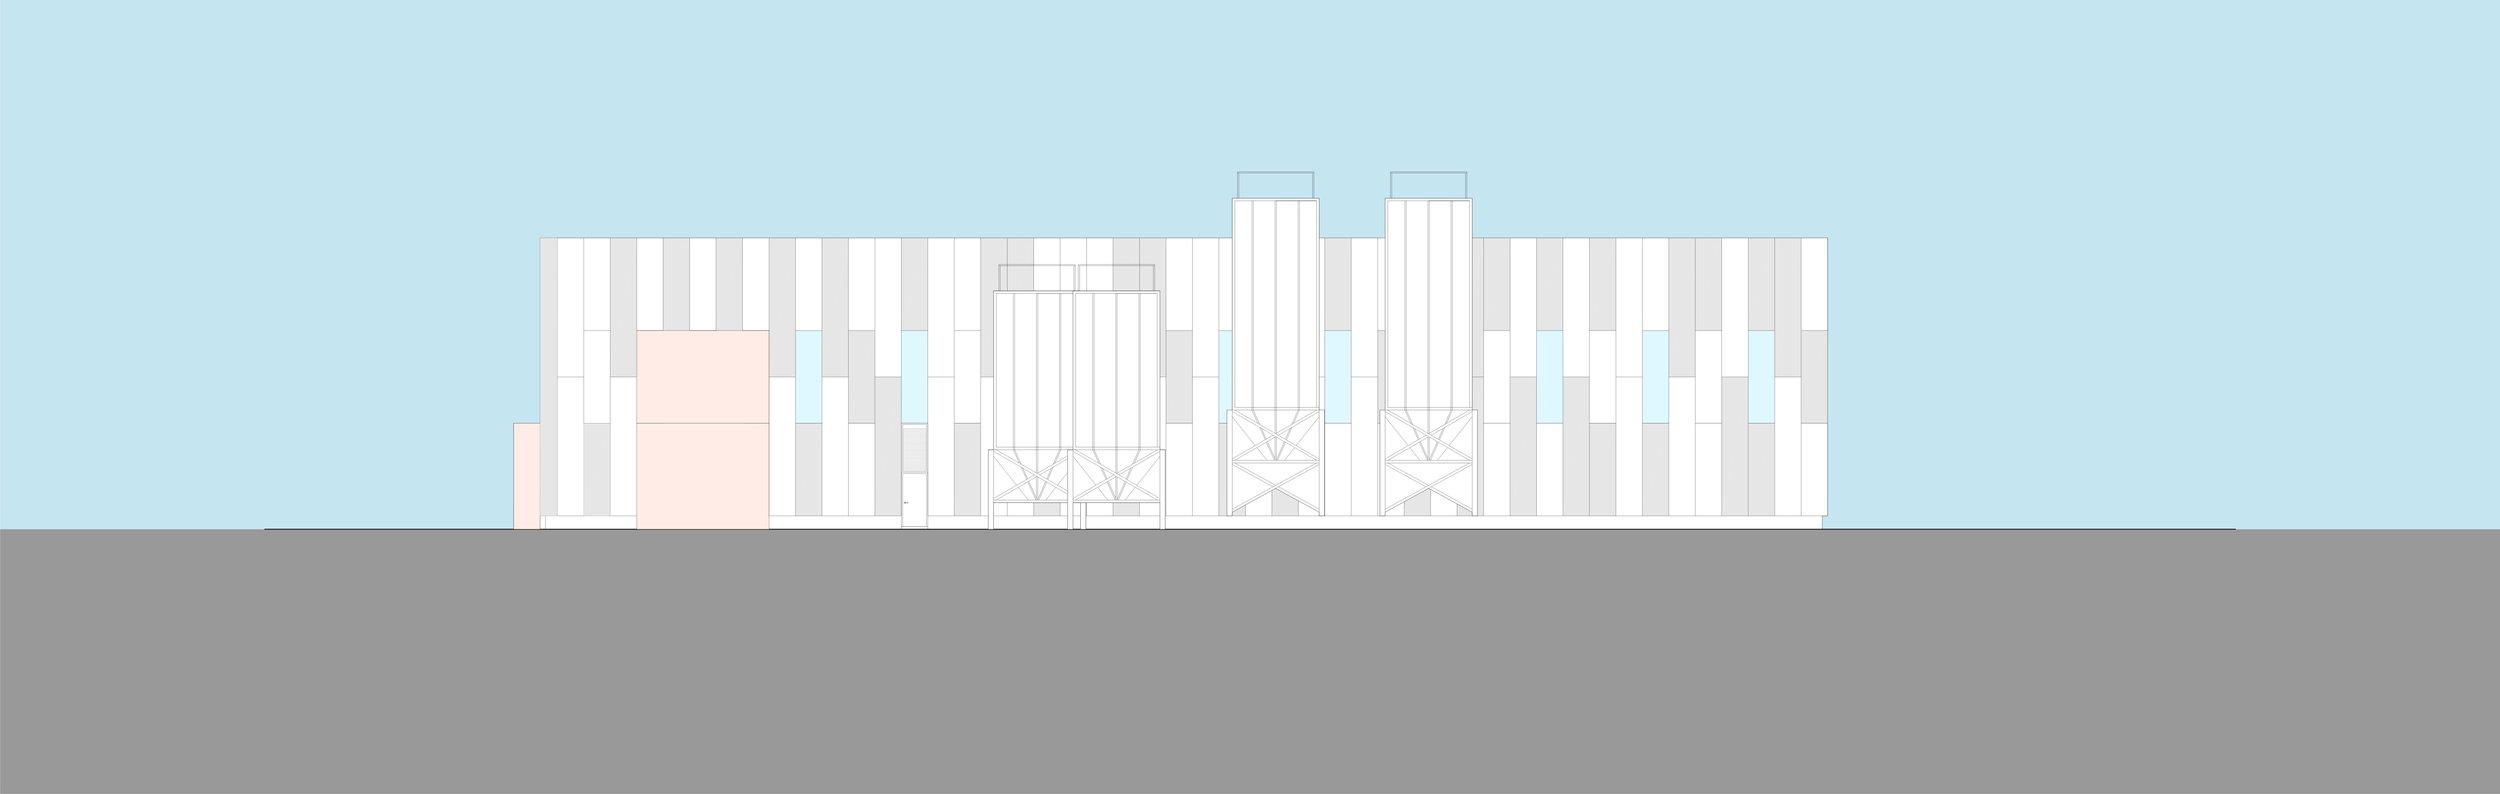 Paulo Miguez Arquitectos - Unidade Industrial - Rio Maior - CAST 4.jpg